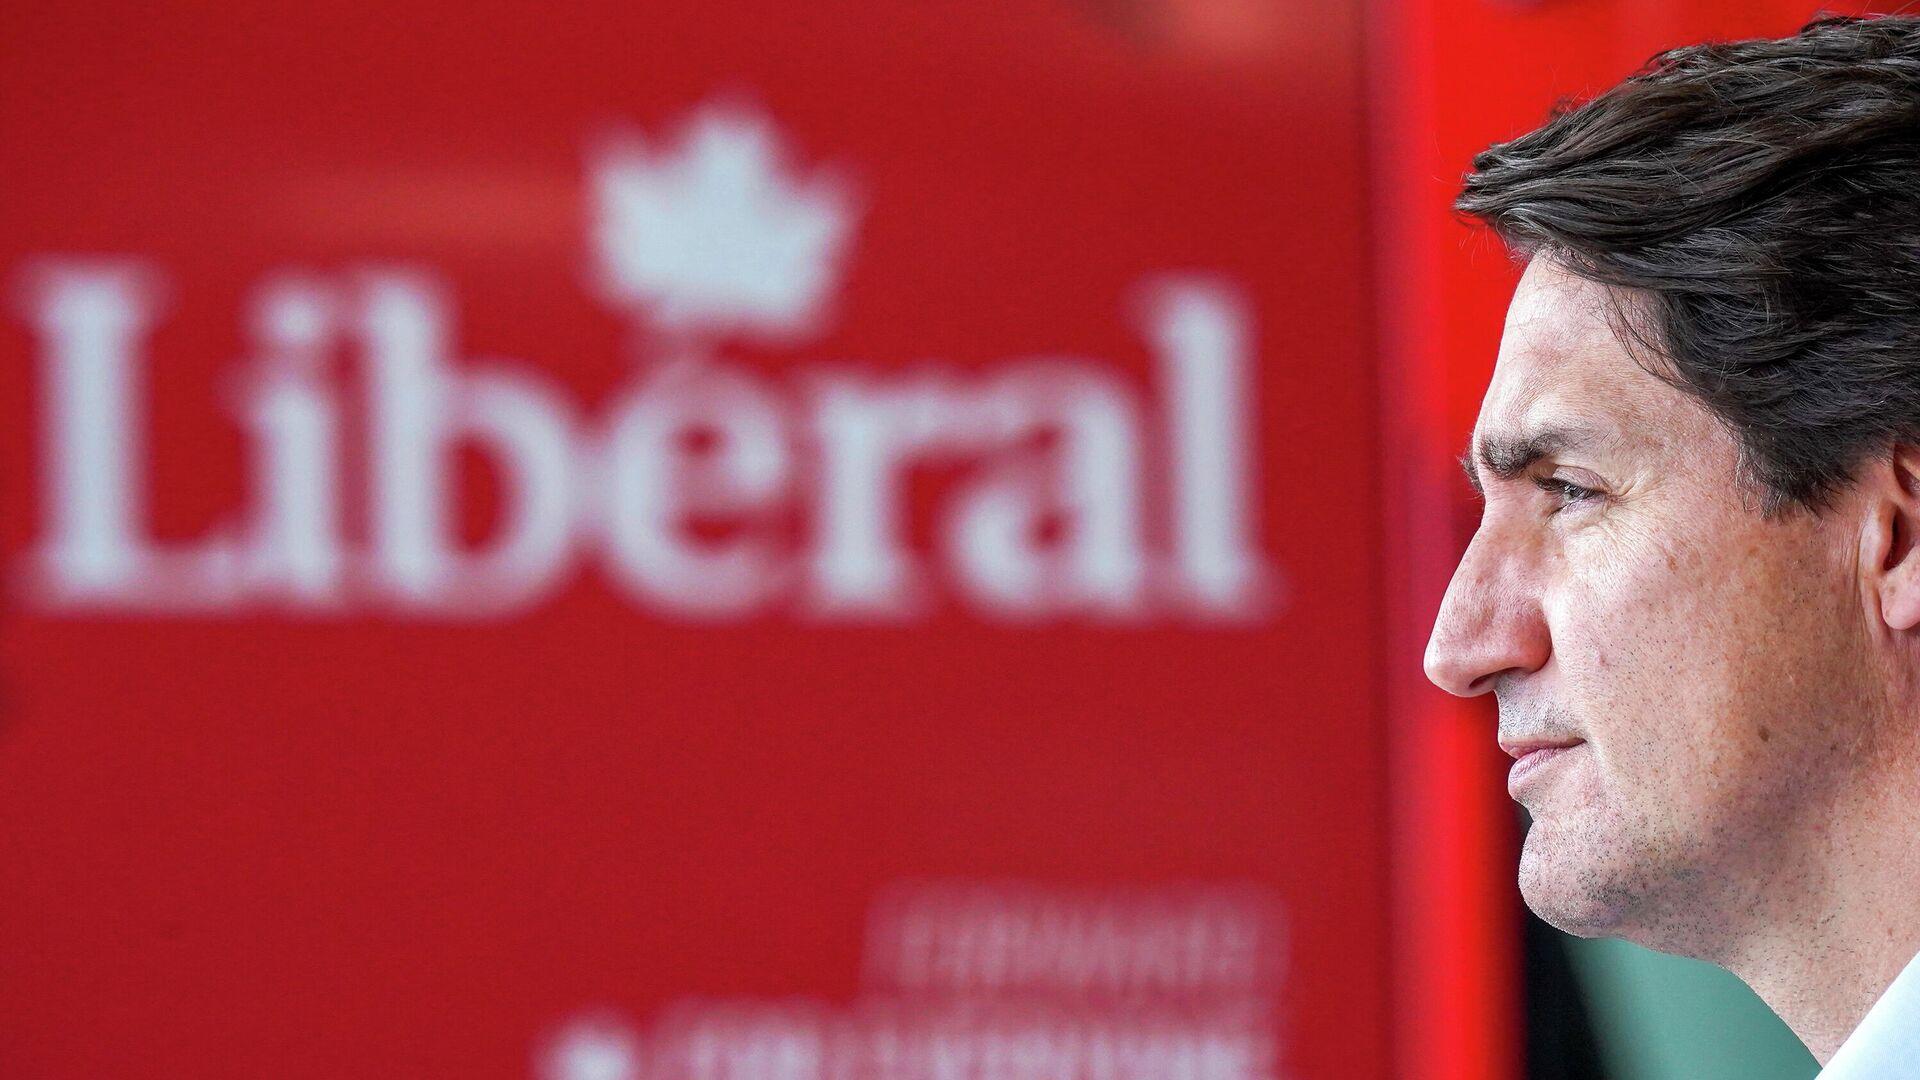 Премьер-министр Канады Джастин Трюдо во время предвыборной кампании - Sputnik Узбекистан, 1920, 10.09.2021